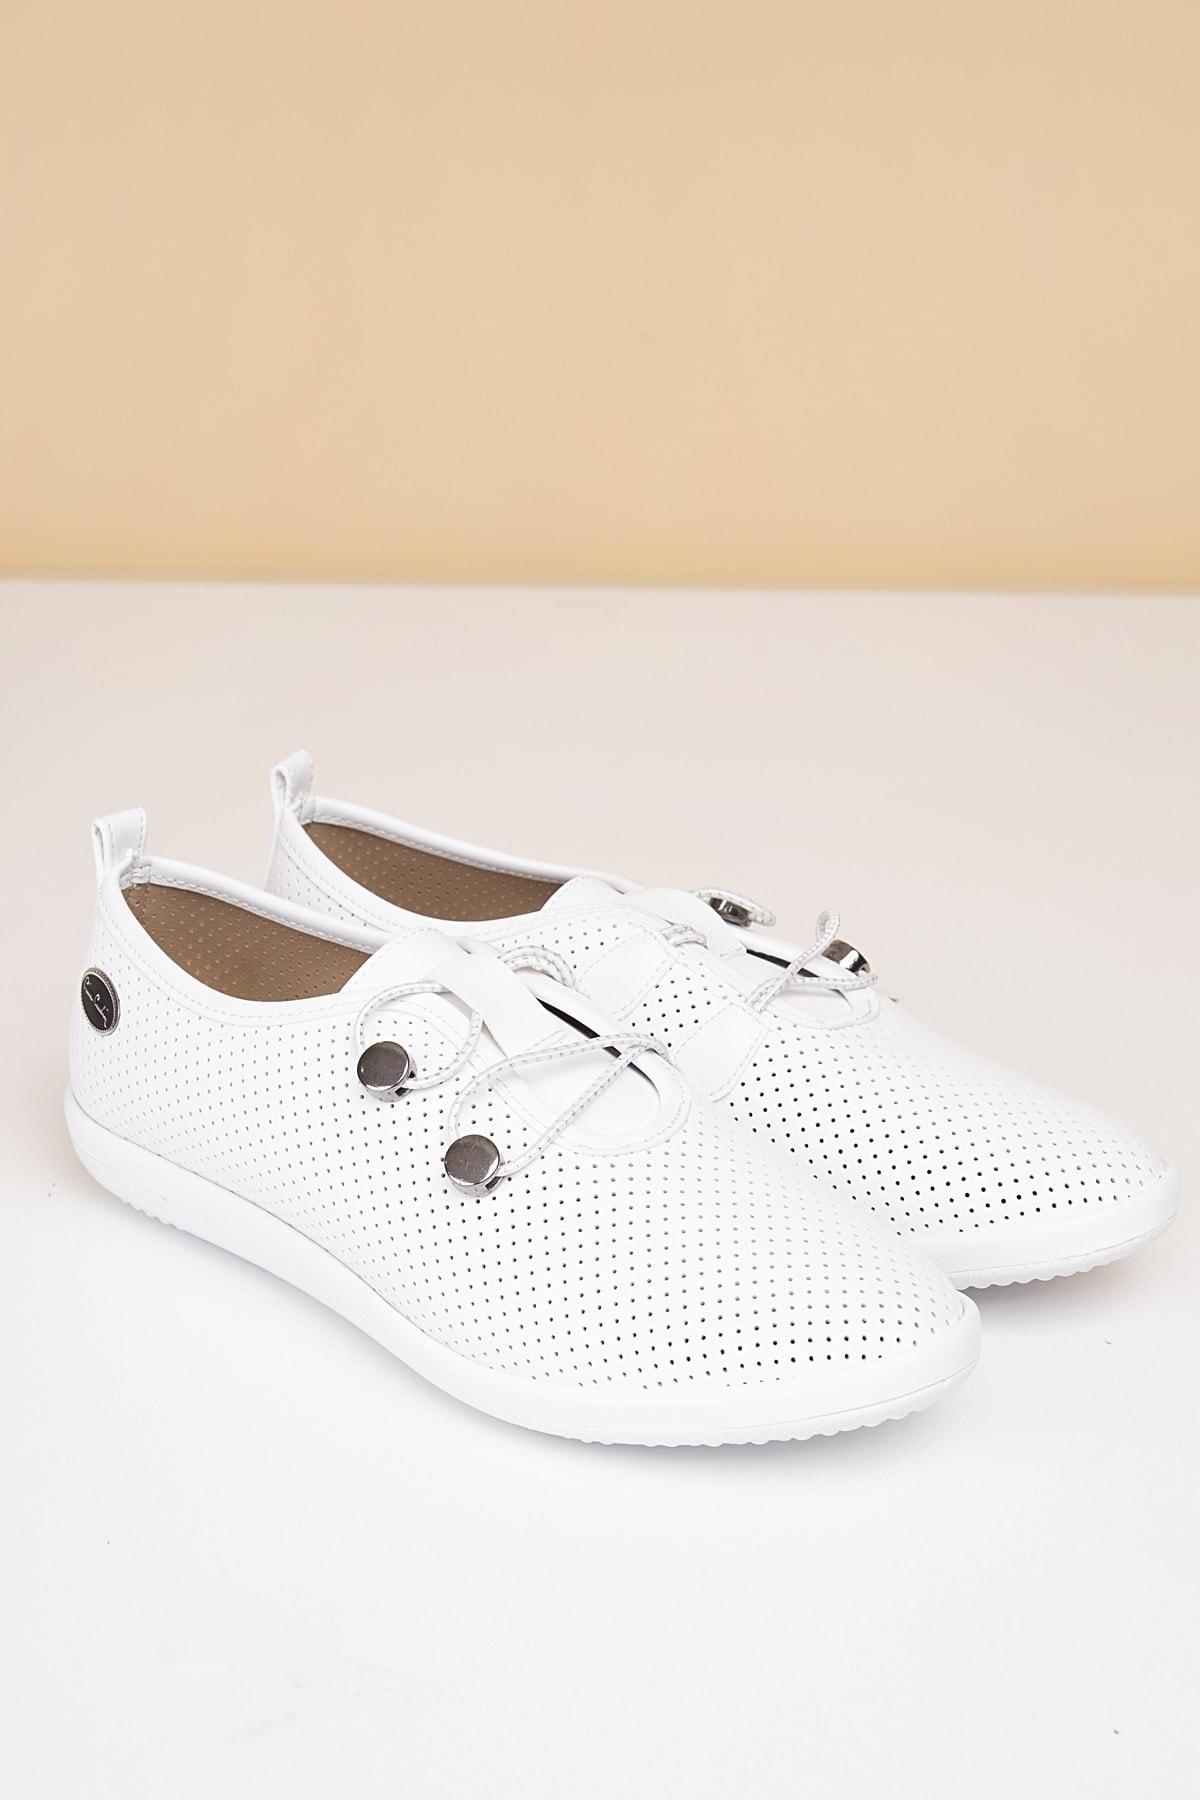 Pierre Cardin 19-Beyaz Kadın Klasik Ayakkabı